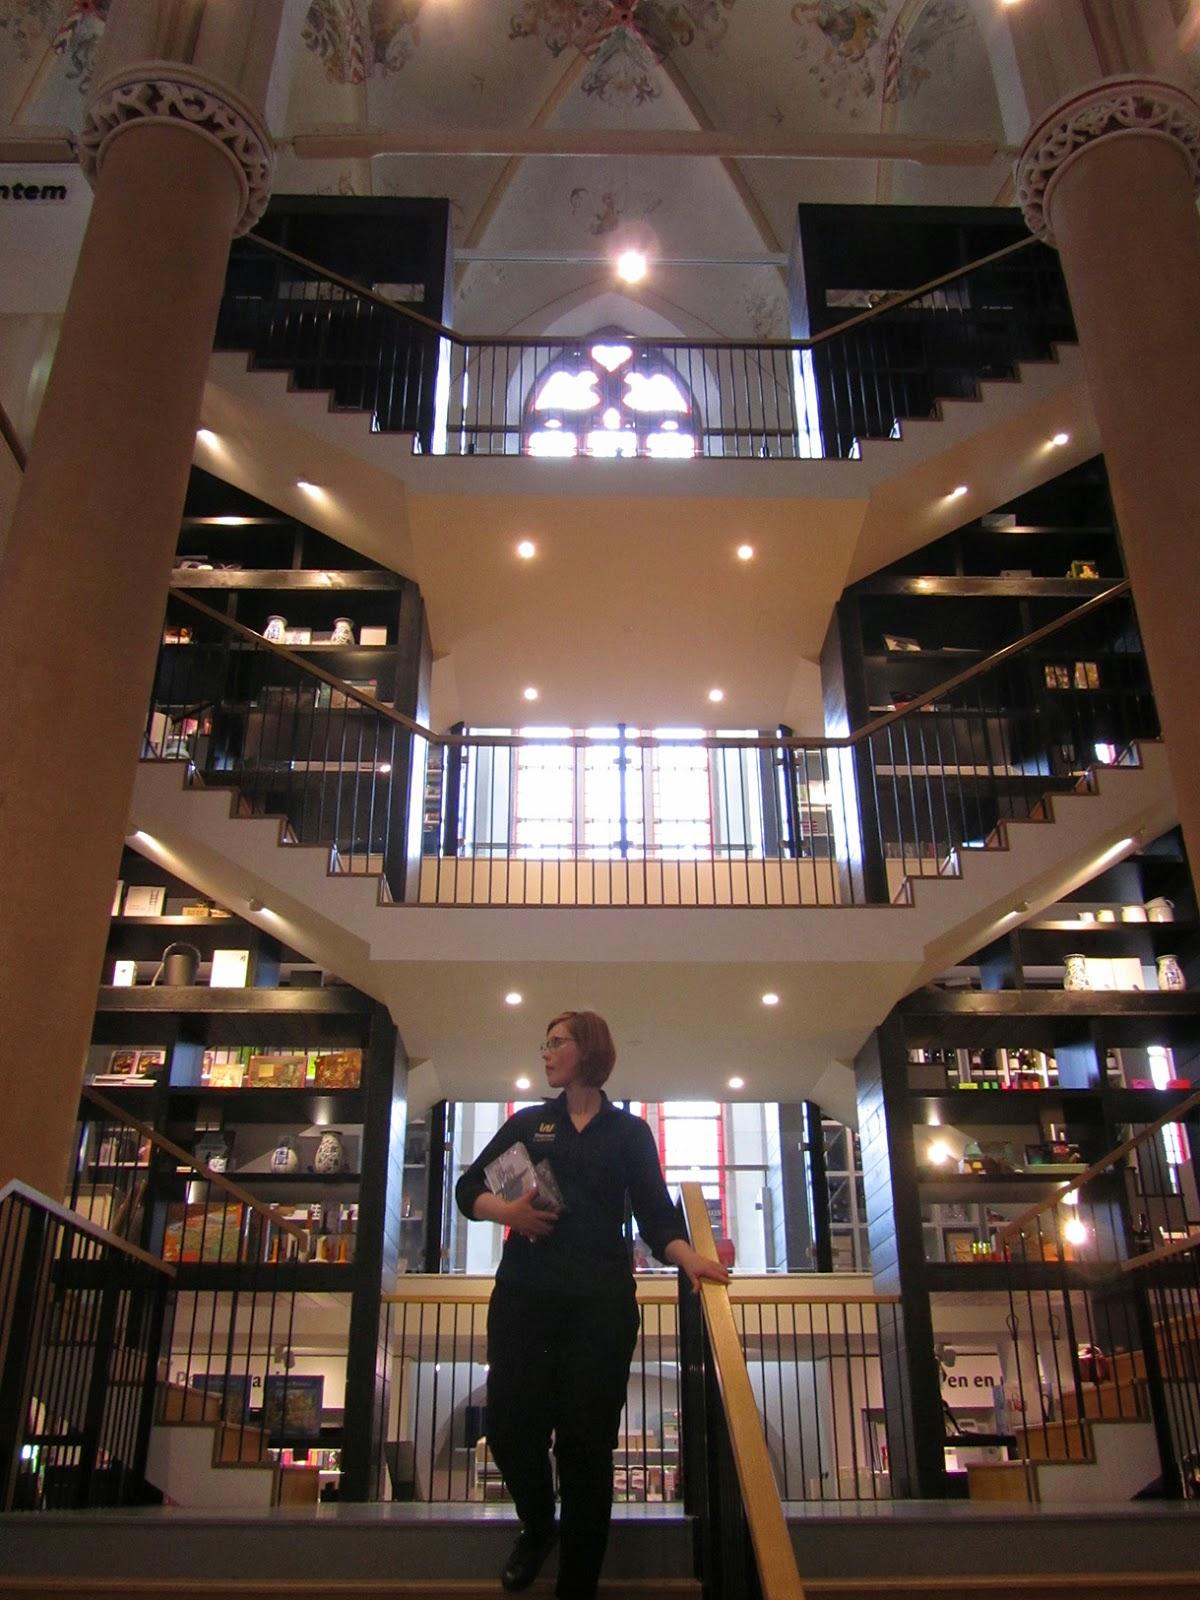 staircase in Waanders in de Broeren